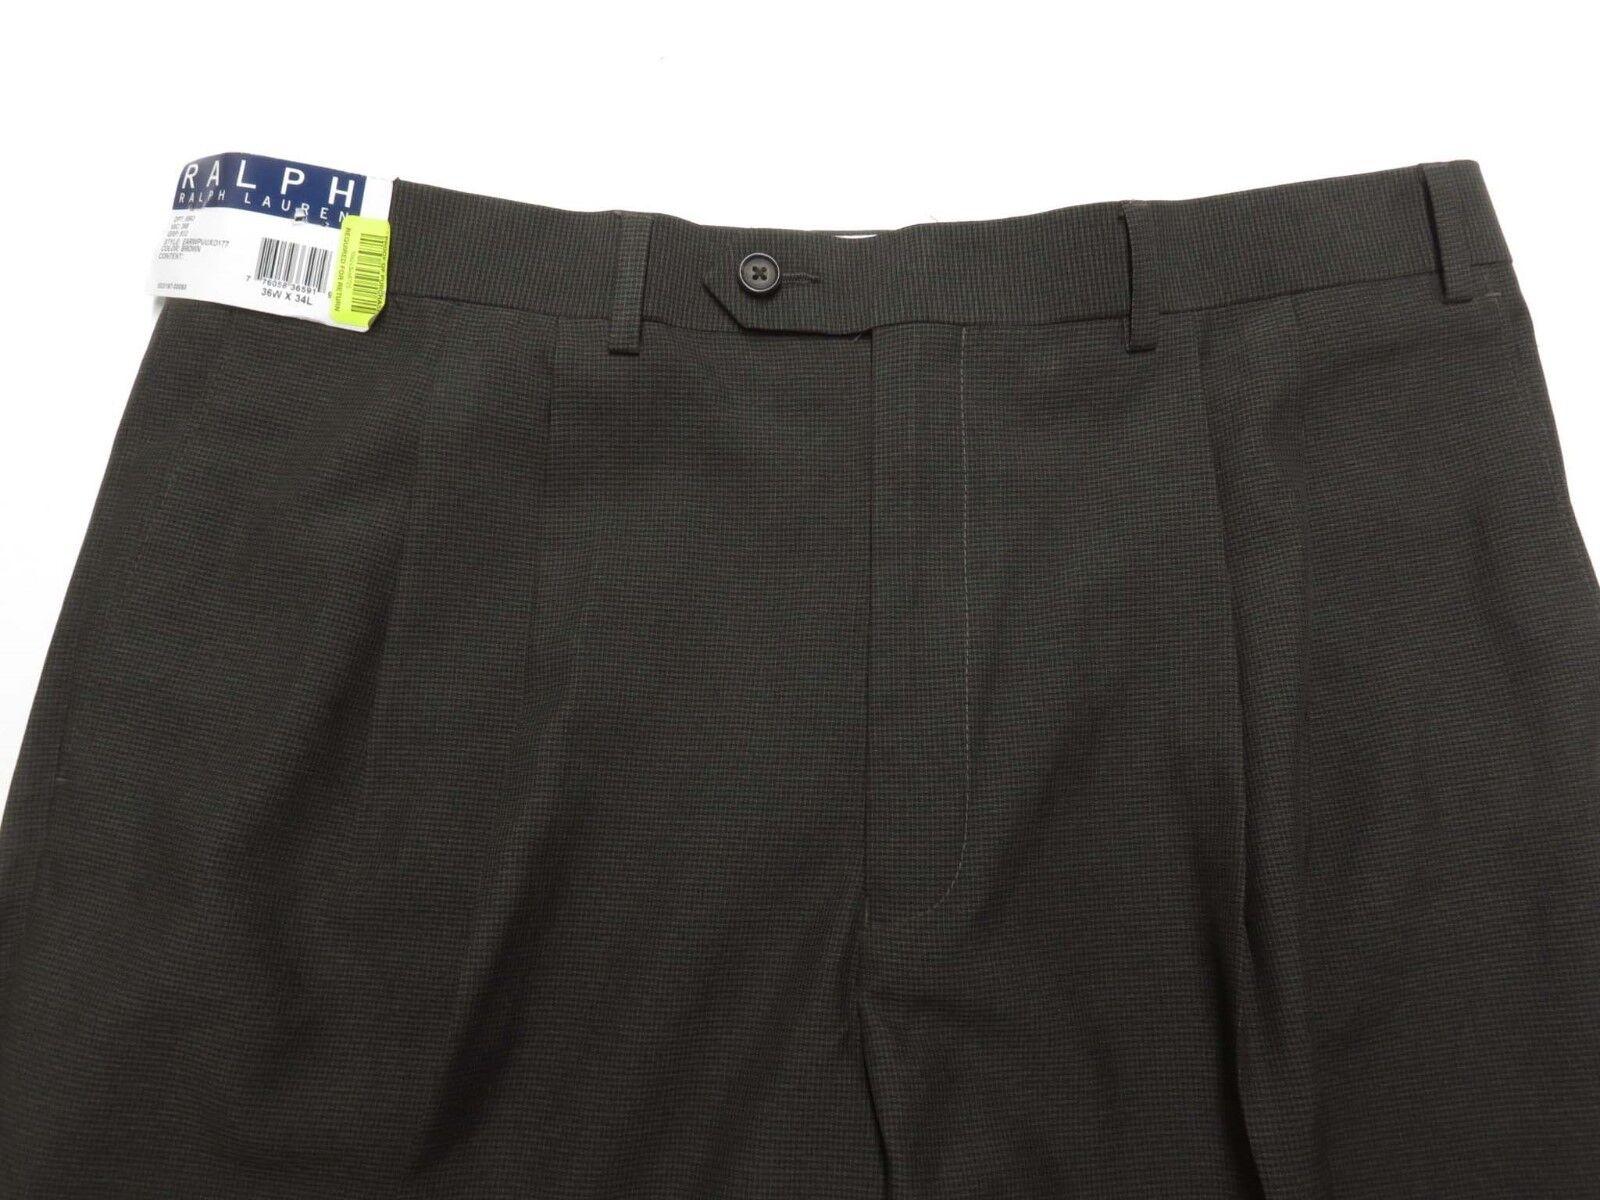 RALPH LAUREN Pants Brown - 36 x 34 NEW NWT